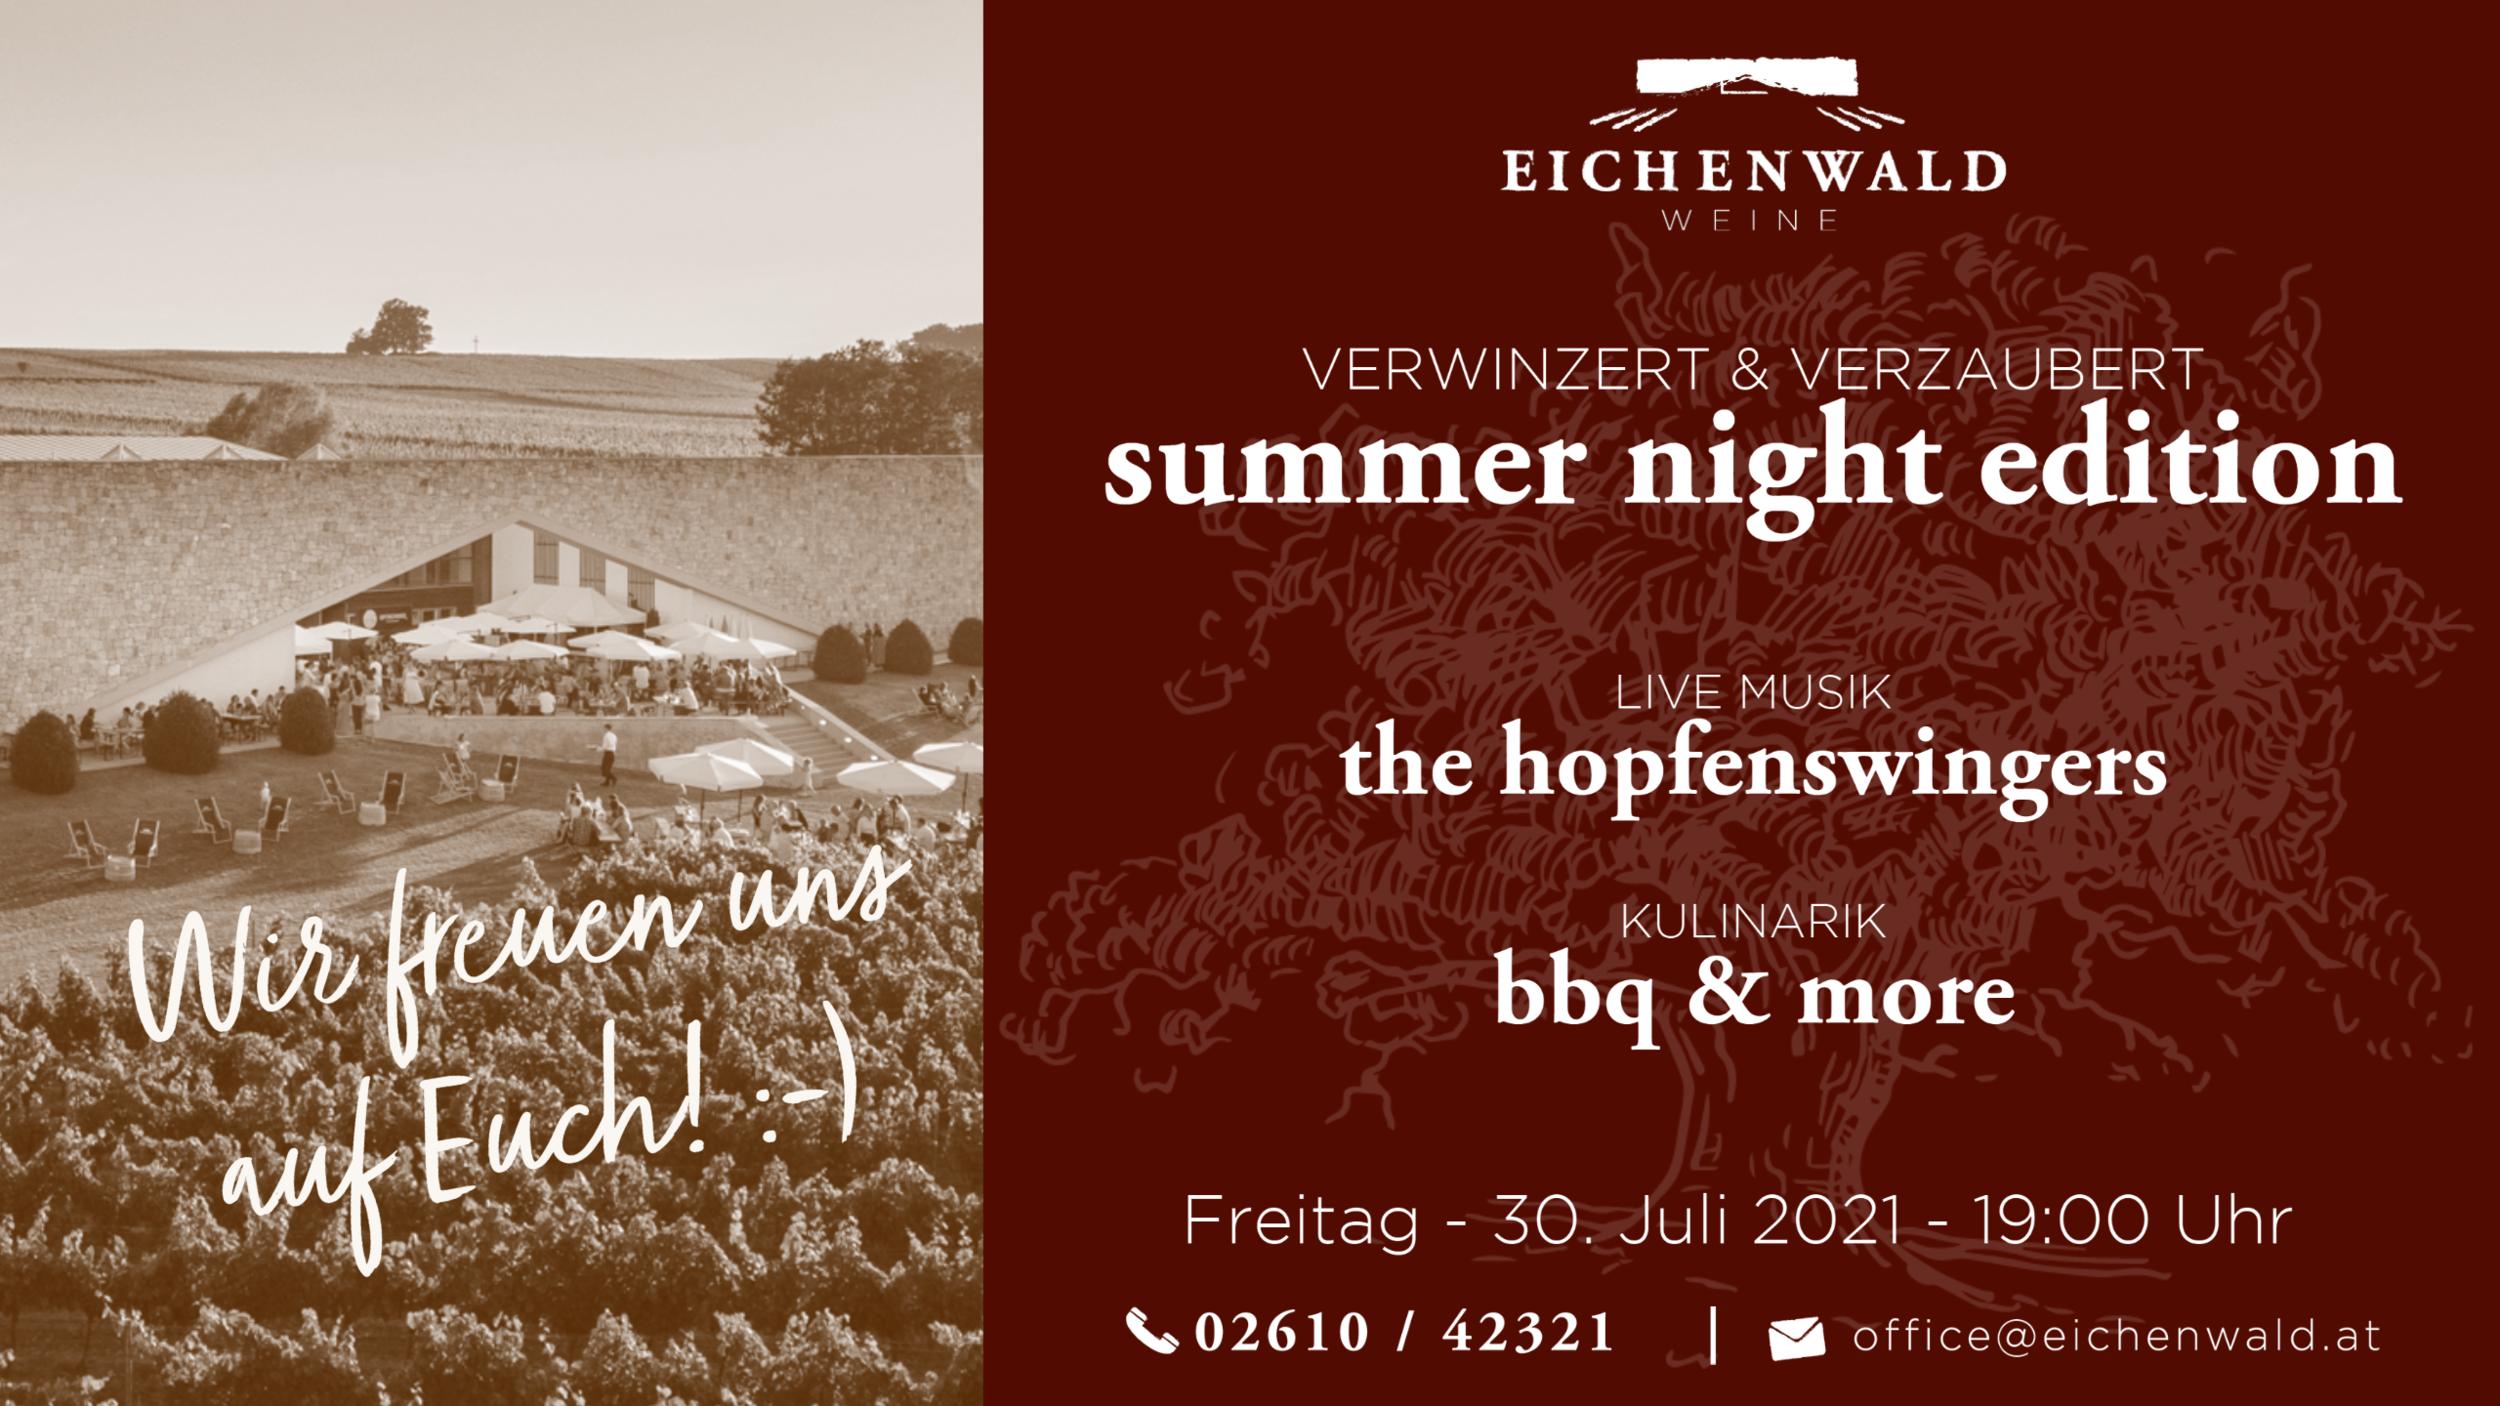 Eichenwald Weine Summer Edition 2021